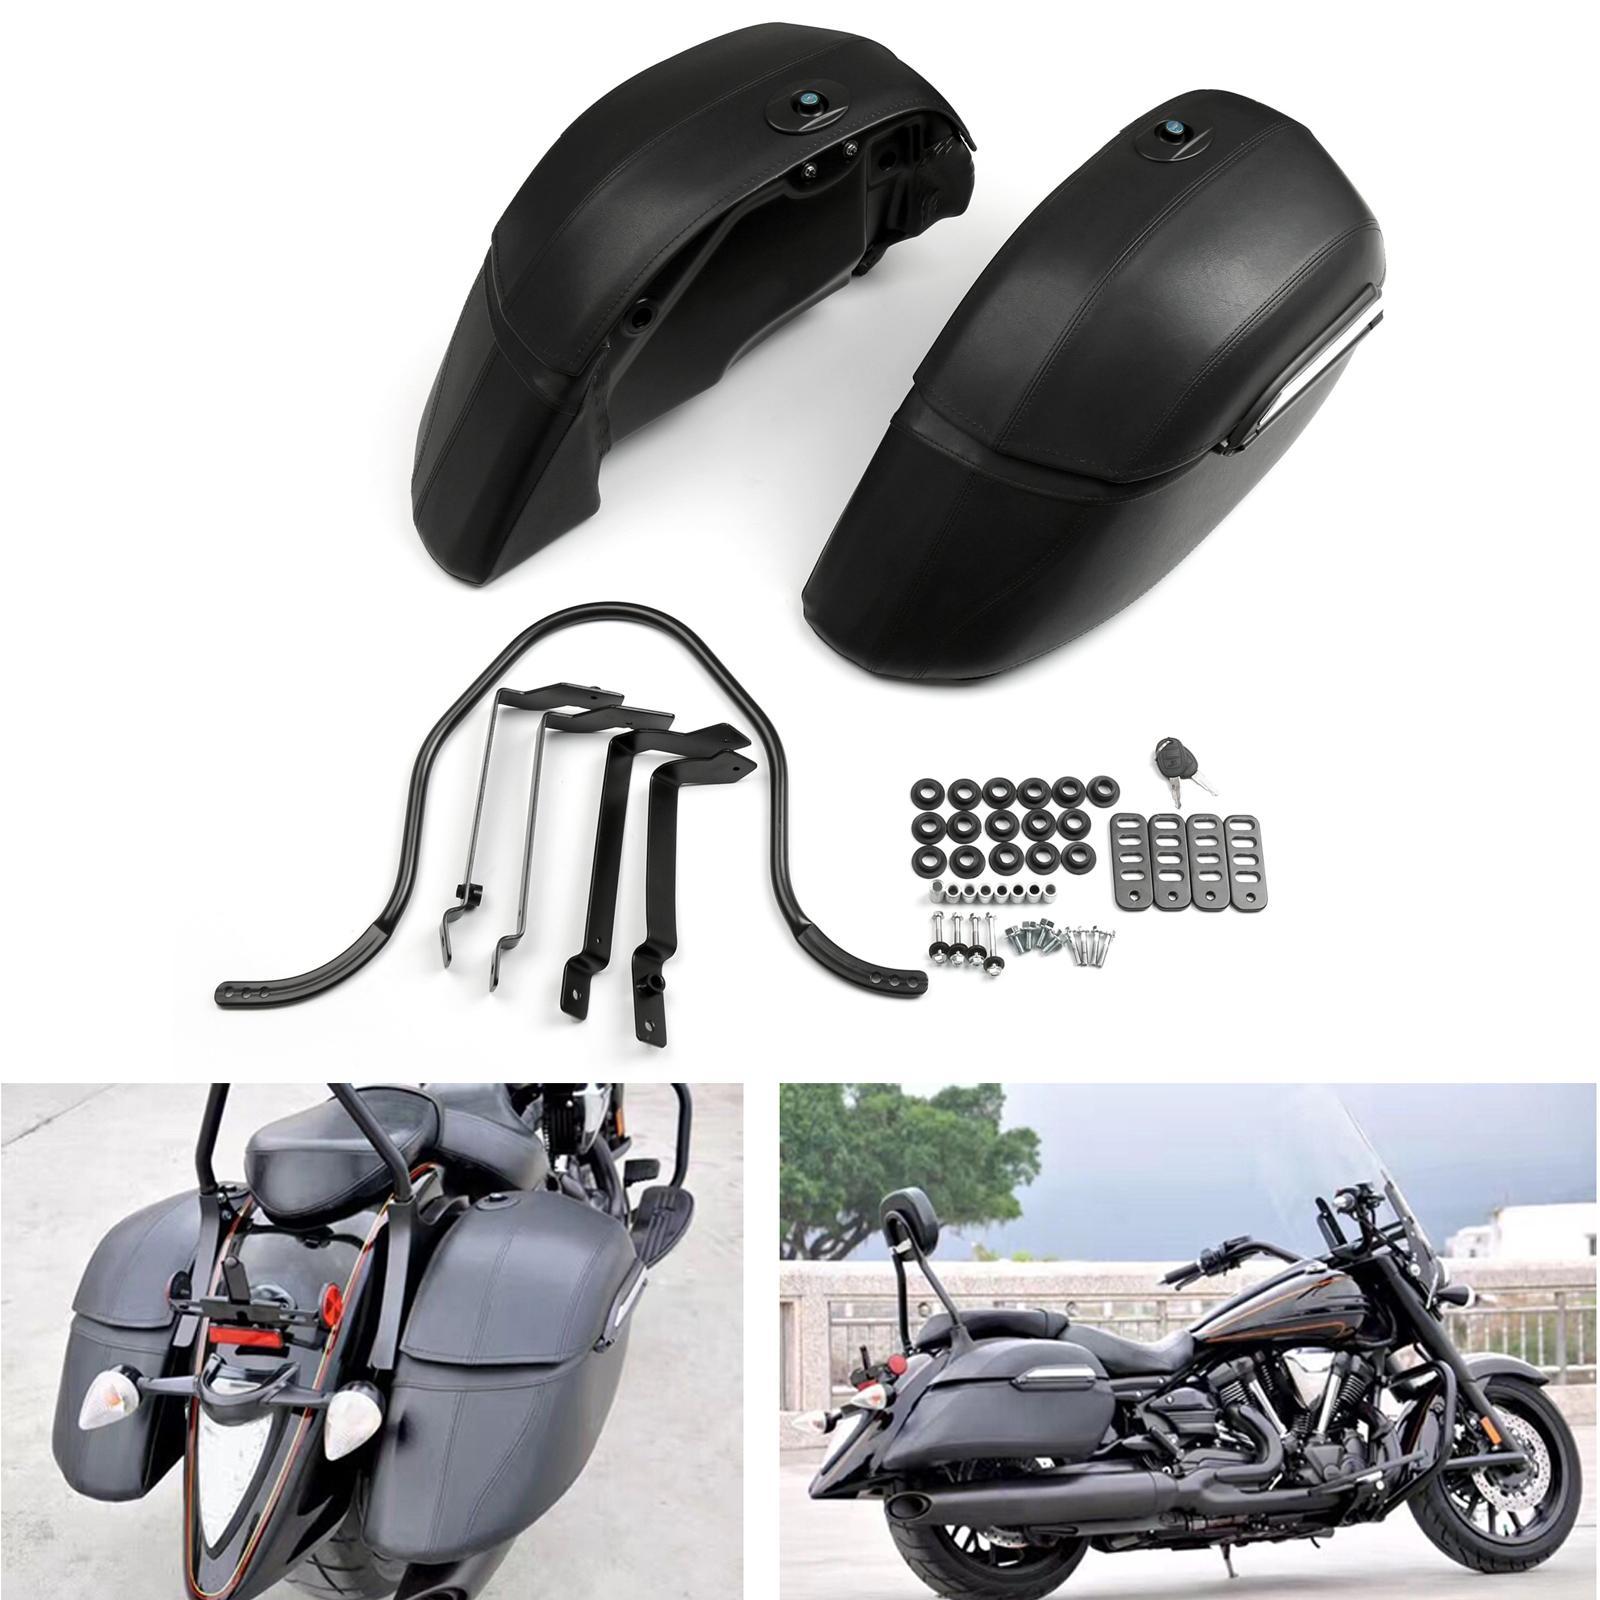 야마하 미국 오토바이 액세서리 부품 Areyourshop 오토바이 범용 오토바이 크루즈 클래식 사이드 가방 하드 잠금 안장 가방